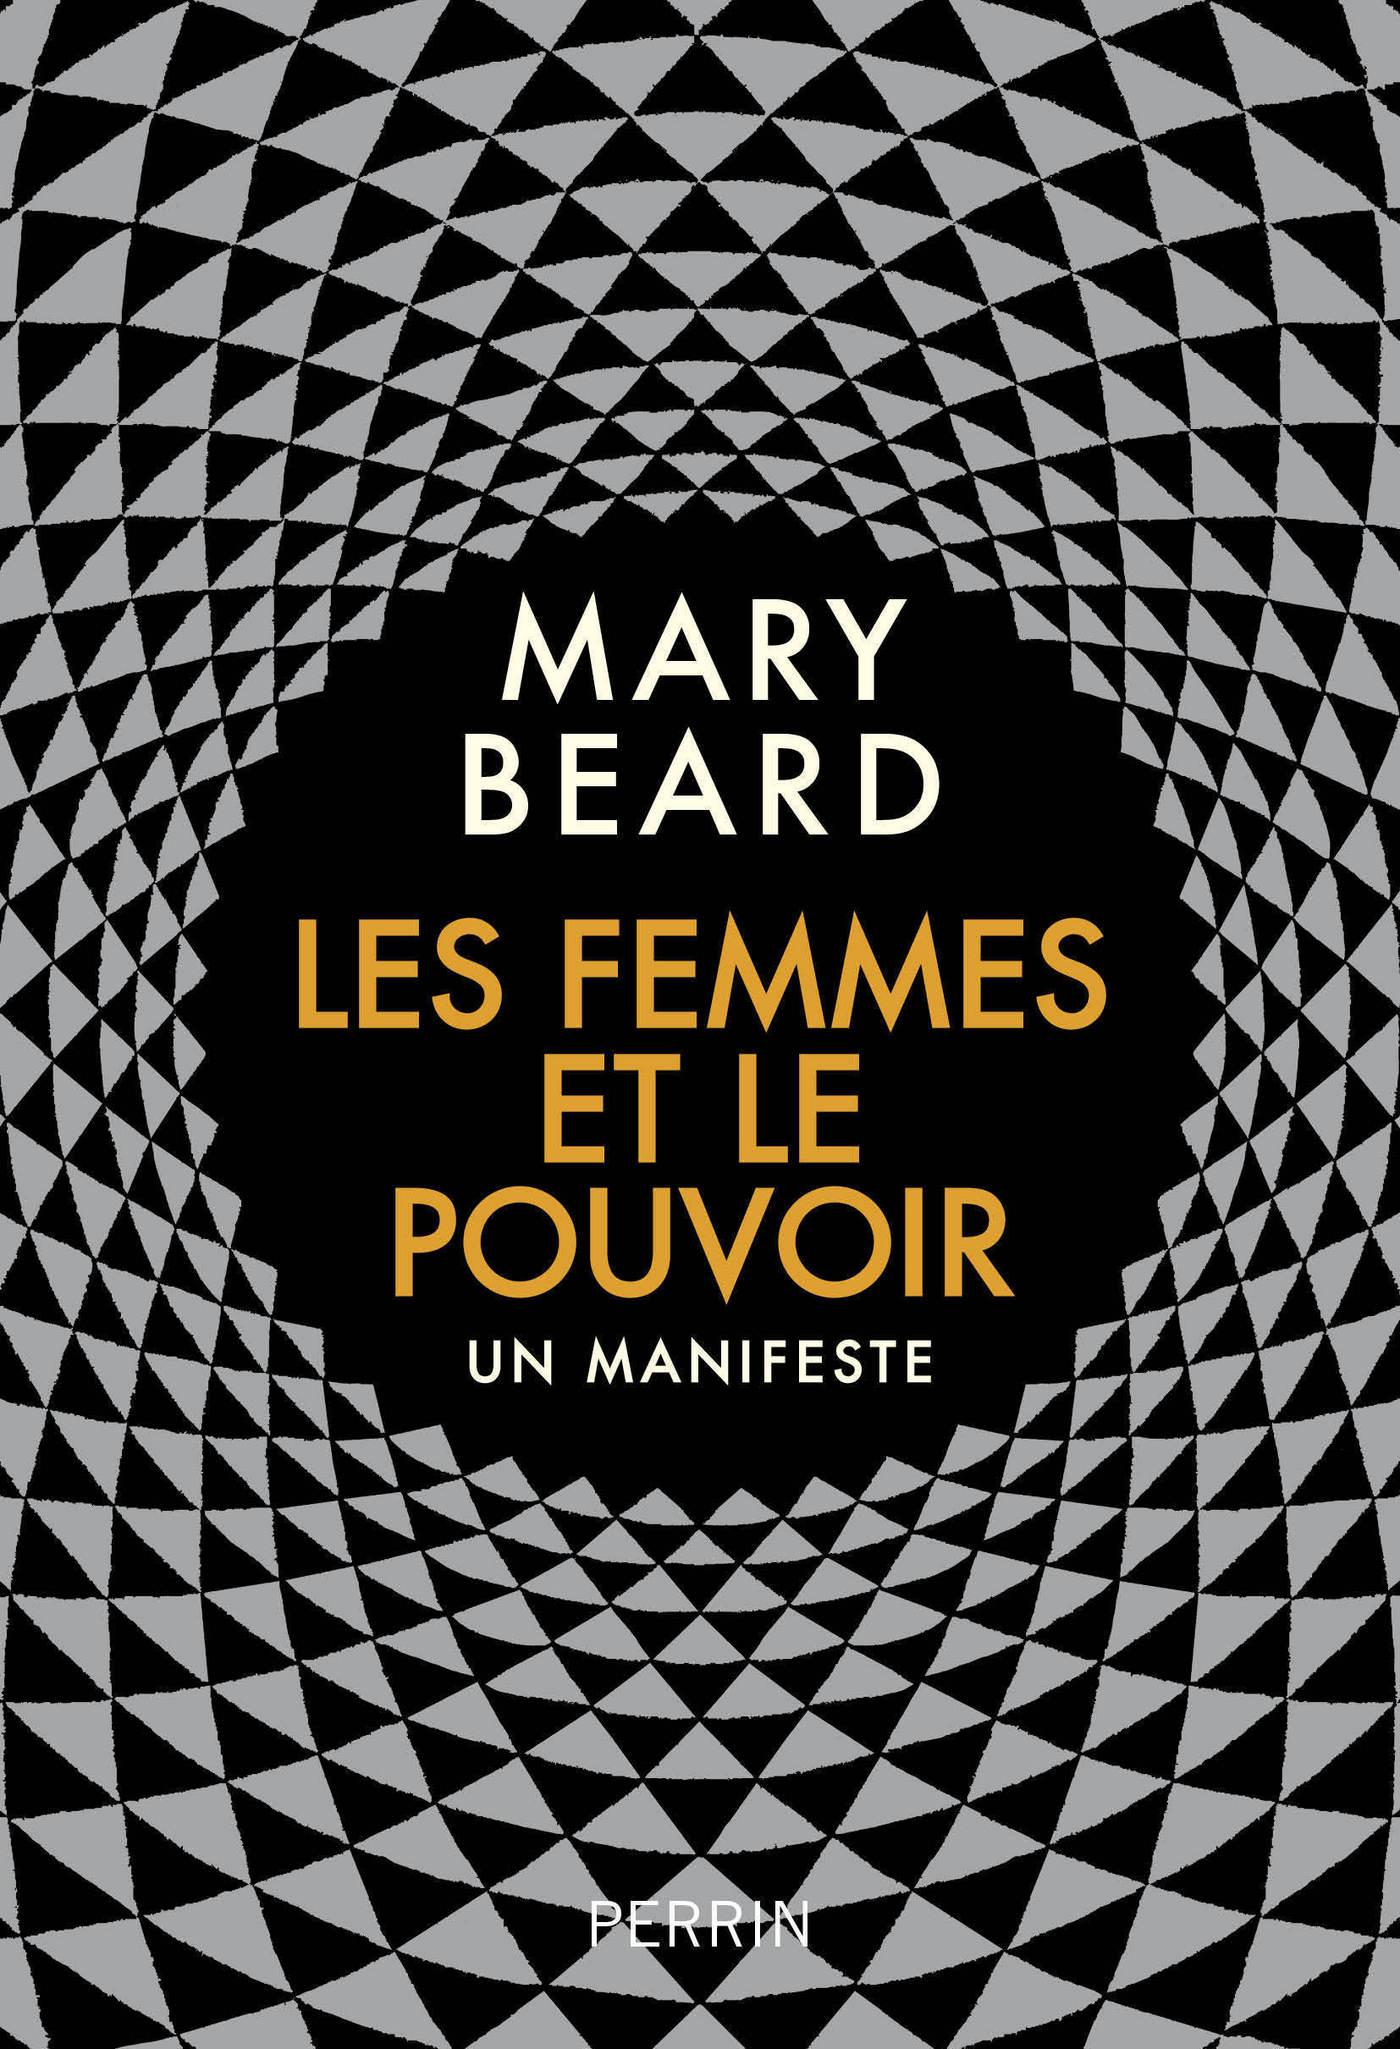 Les Femmes et le pouvoir | BEARD, Mary